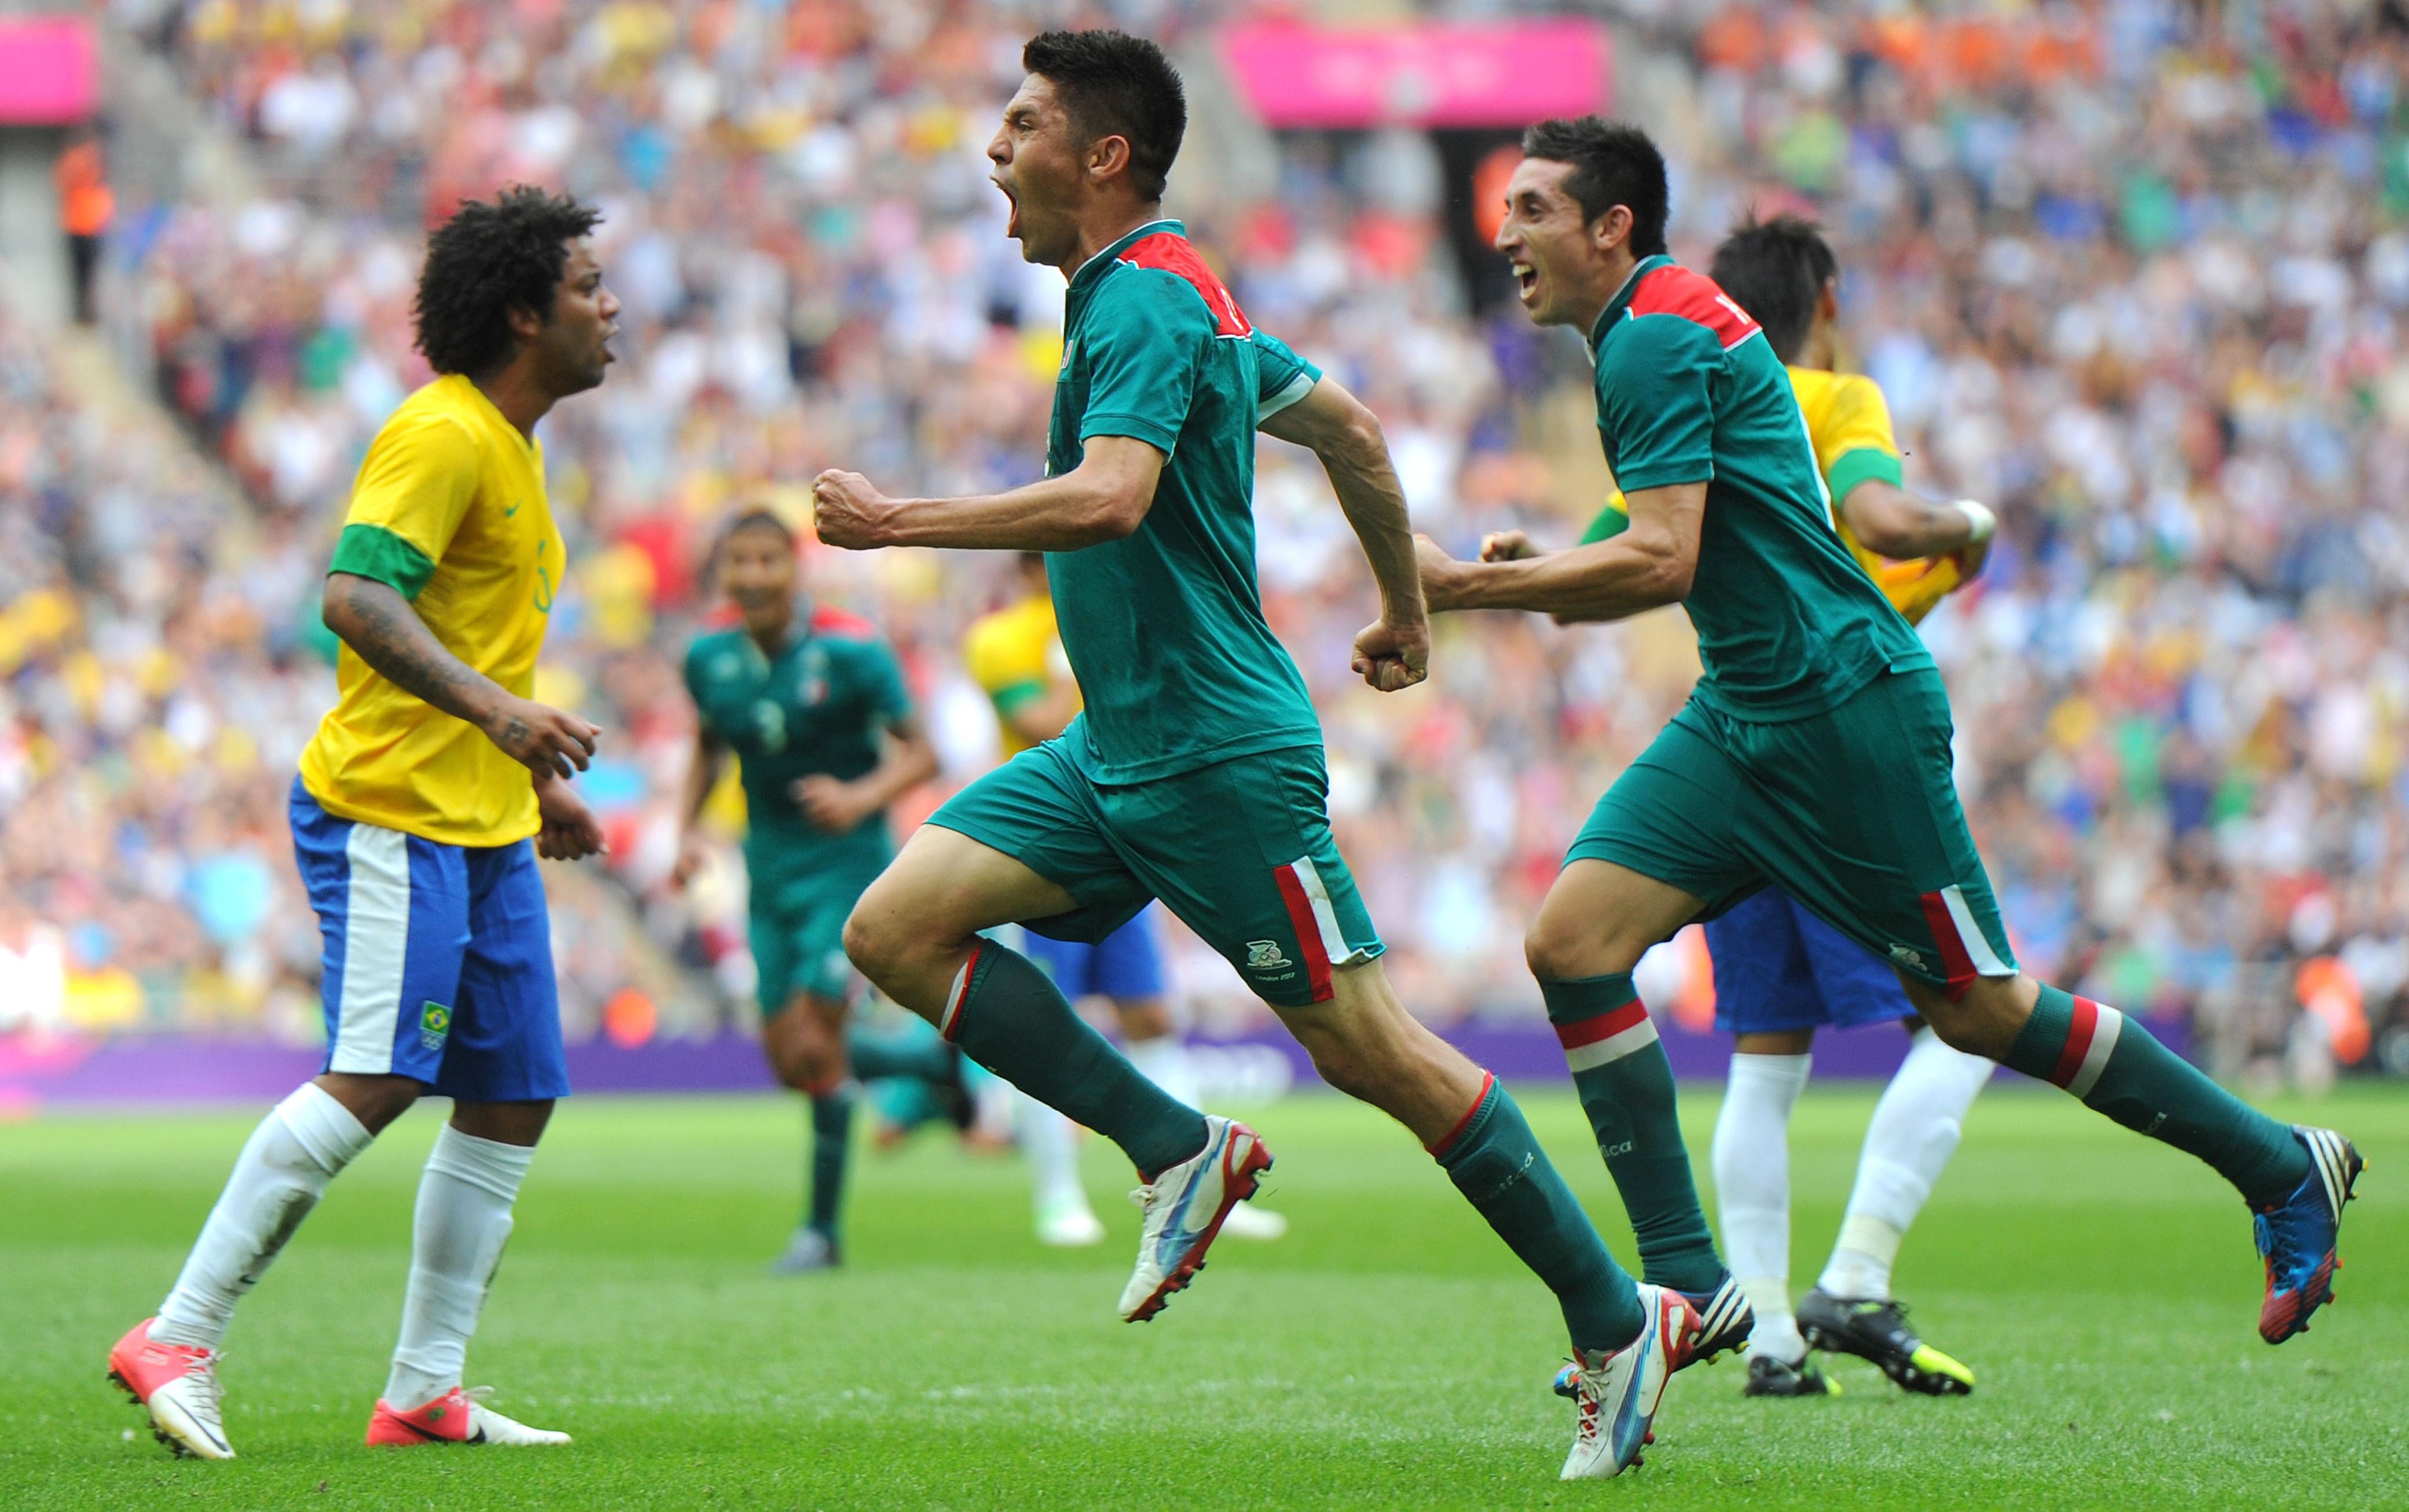 Mexico Devastates Brazil In Historic 2-1 Olympic Soccer Final   WVXU